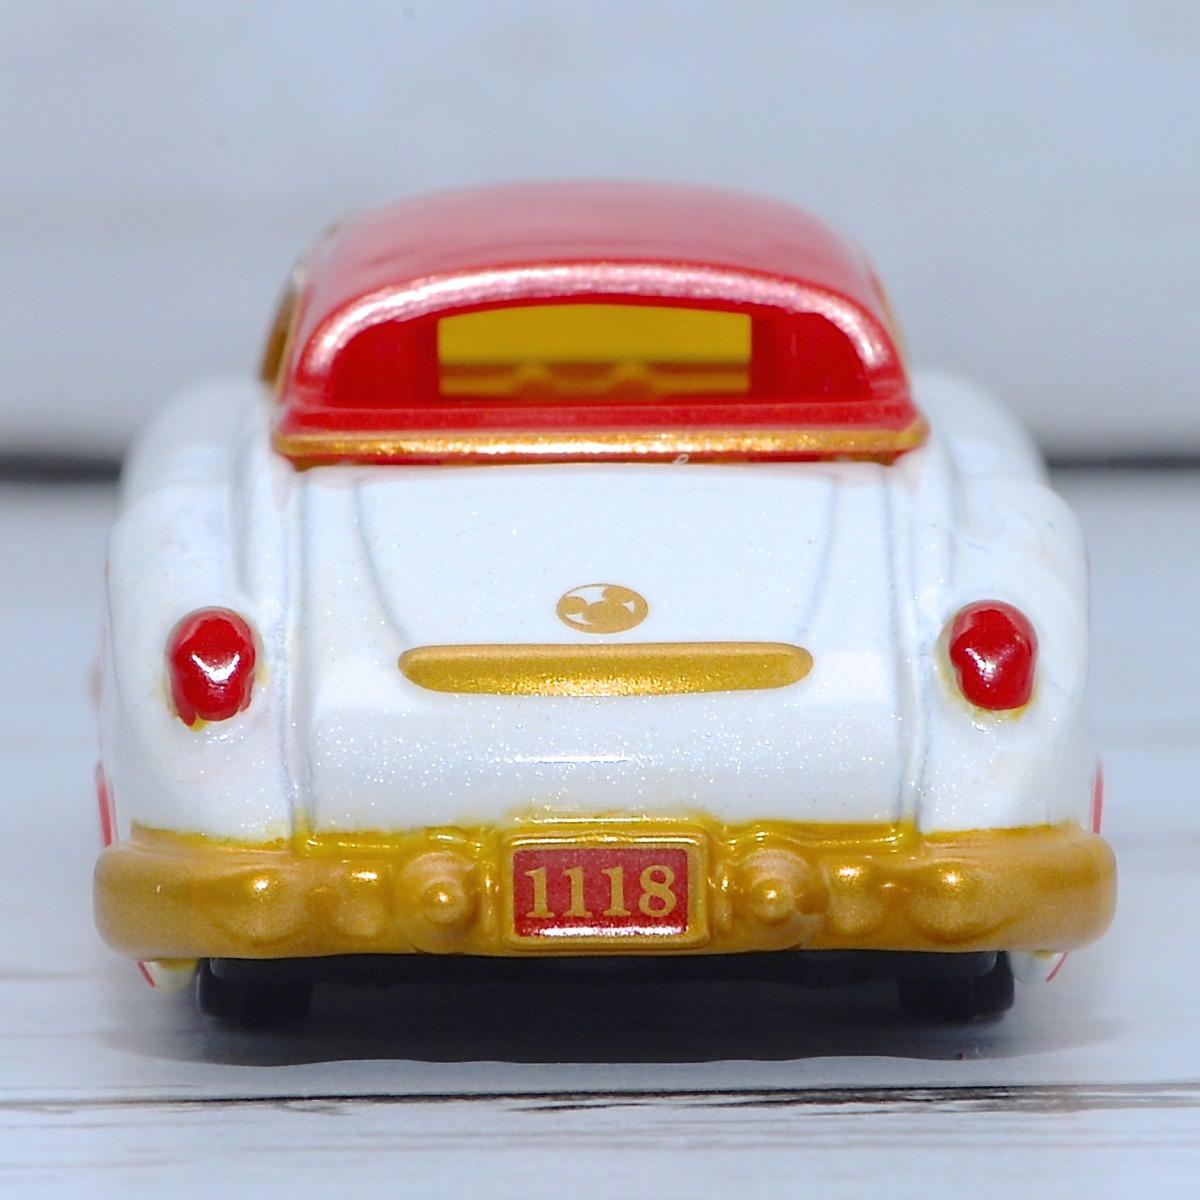 トミカショップオリジナル「ディズニーモータース ドリームスターII スペシャル39 ミッキーマウス」後ろ